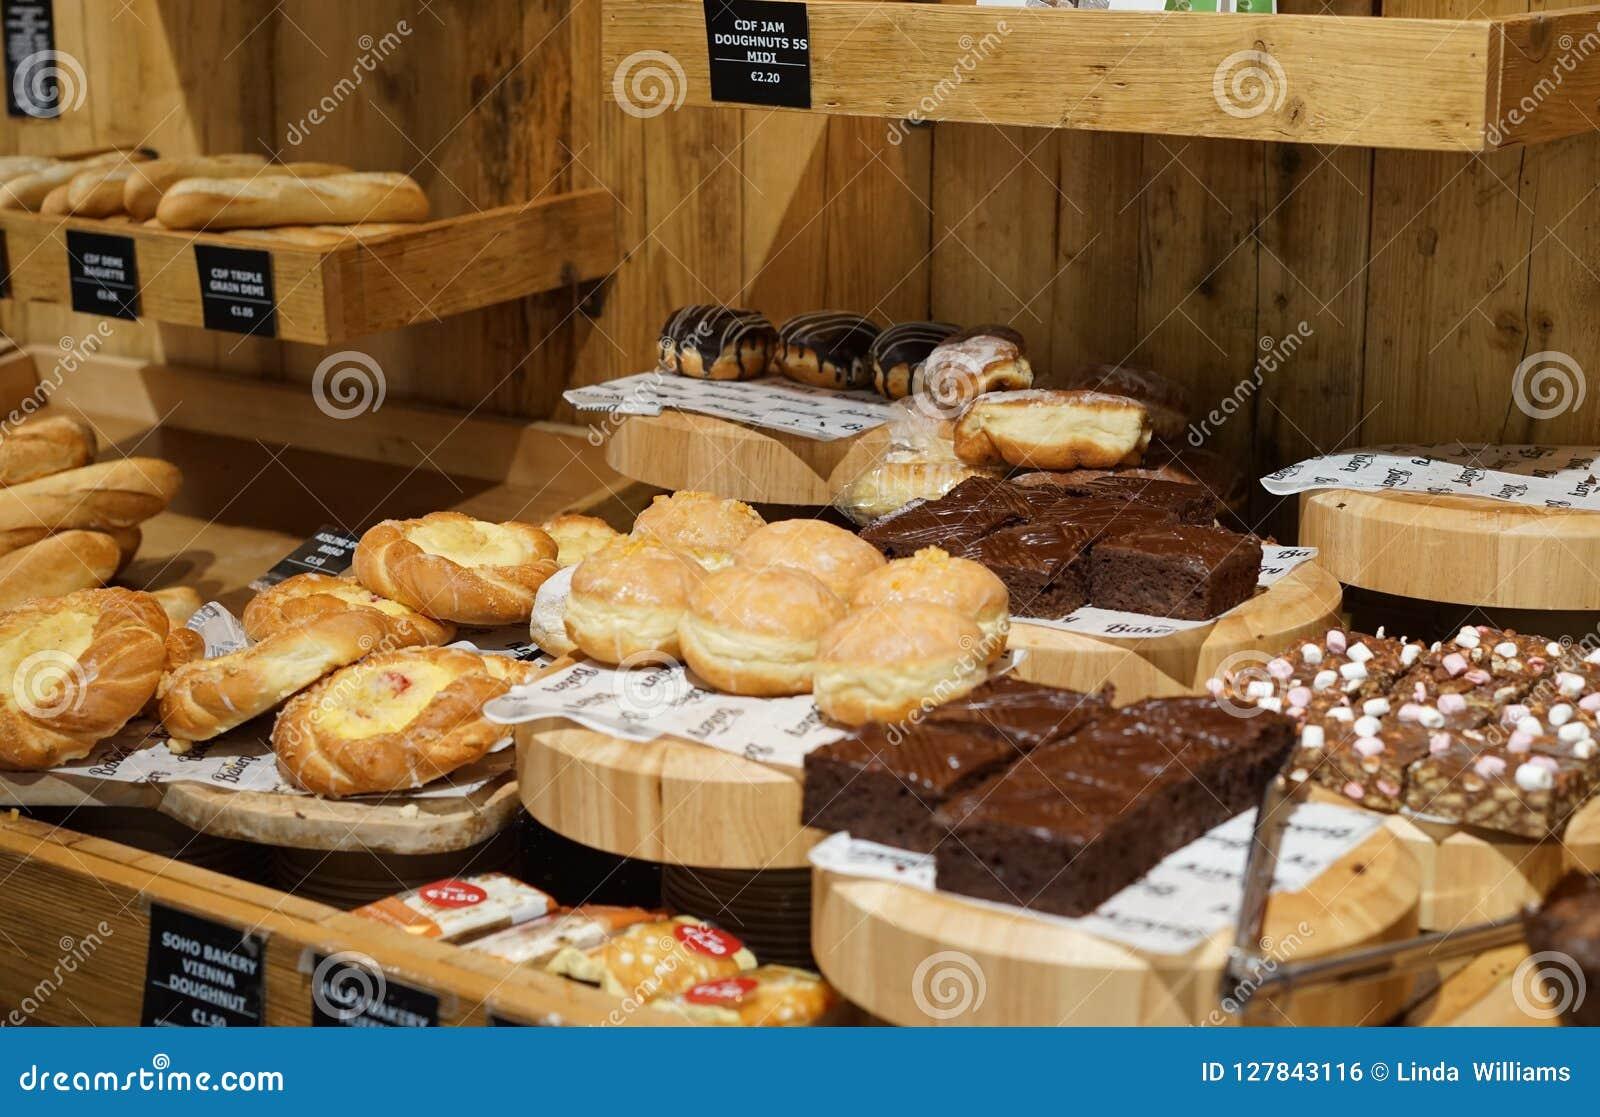 Invitaciones dulces en la exhibición para un bocado sabroso